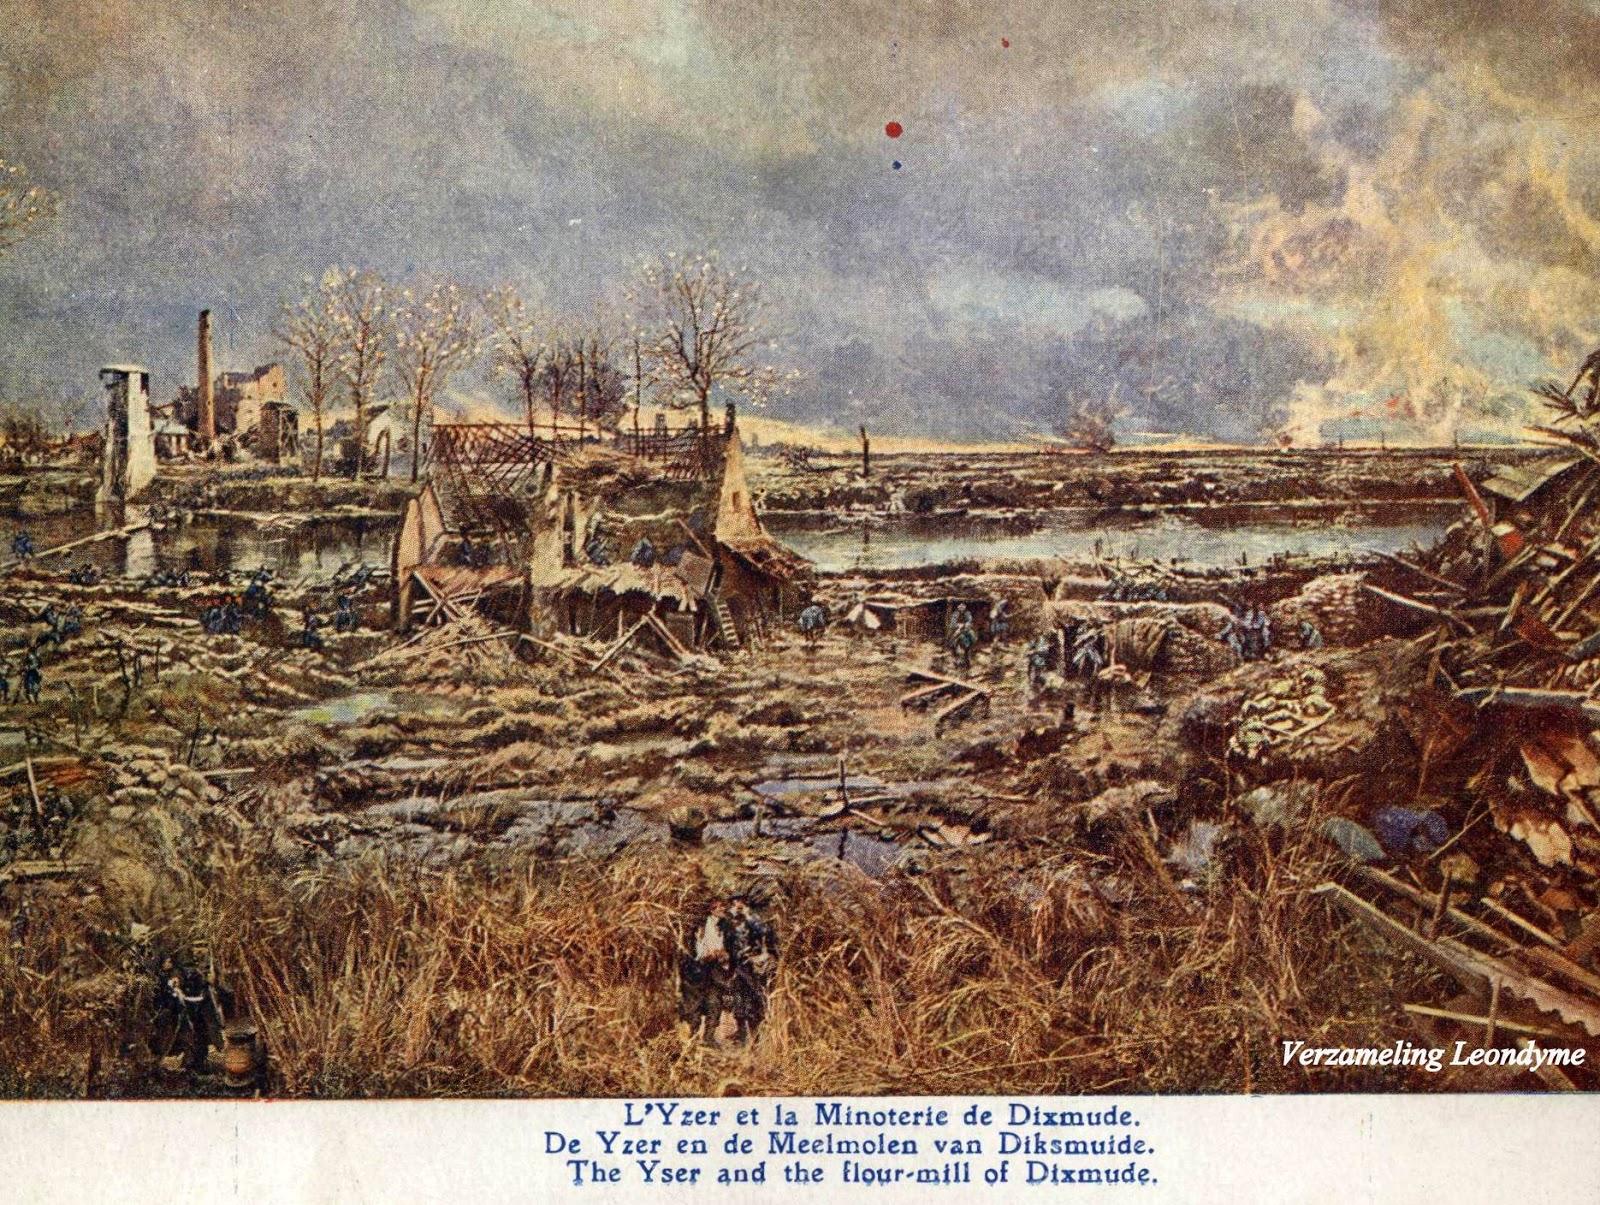 Slag aan de  IJzer door Alfred Bastien.  De IJzer en de meelmolen van Diksmuide. Verzameling Leondyme